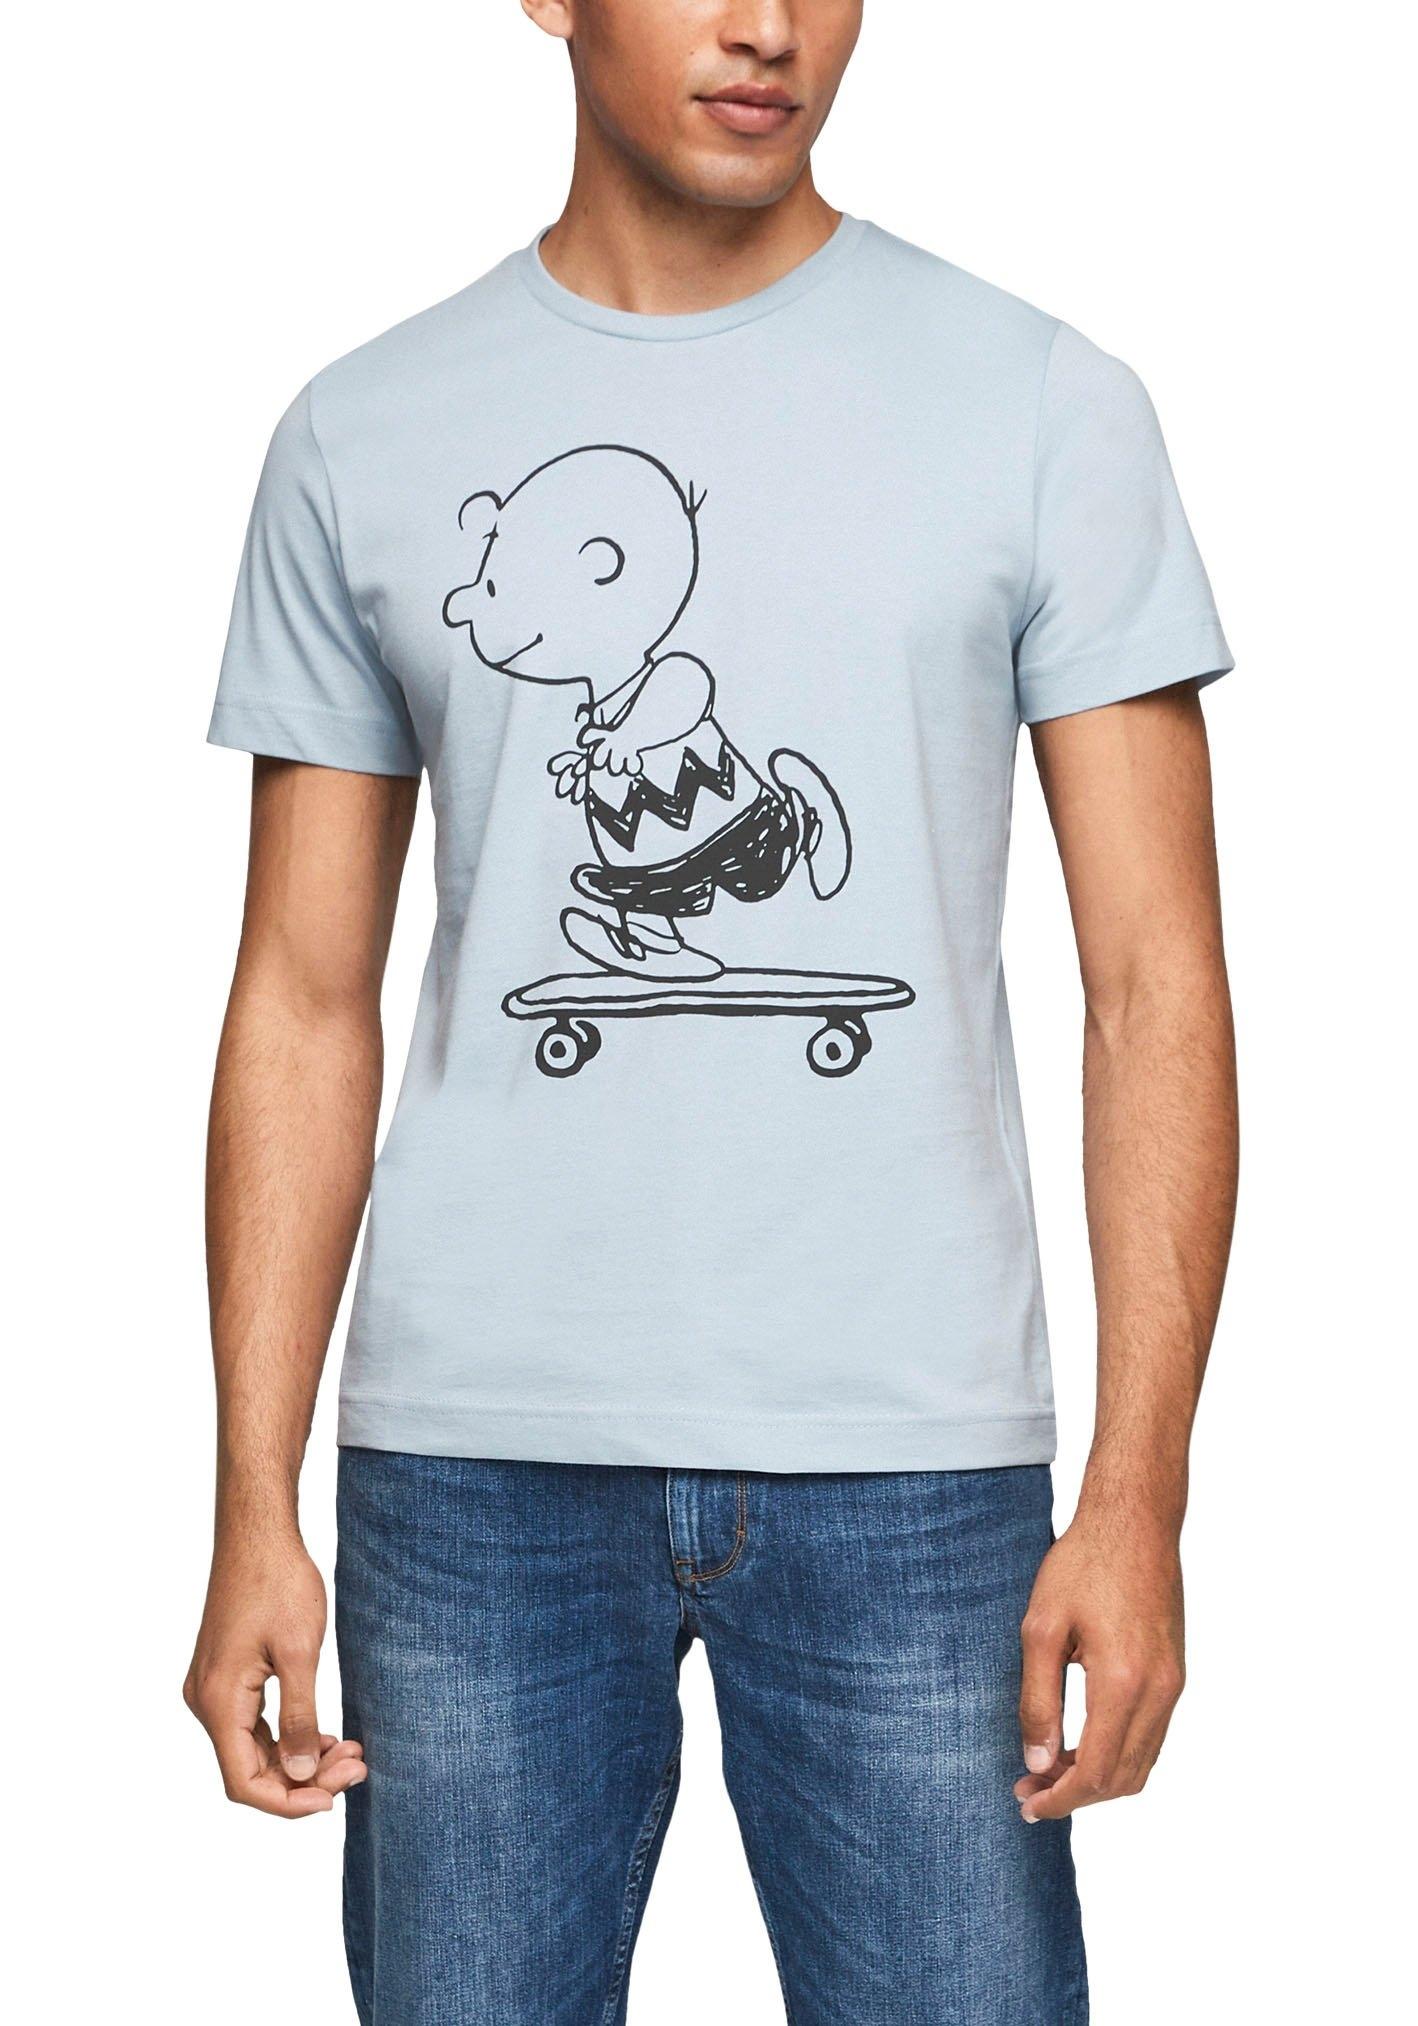 s.Oliver T-shirt met snoopy-print voordelig en veilig online kopen